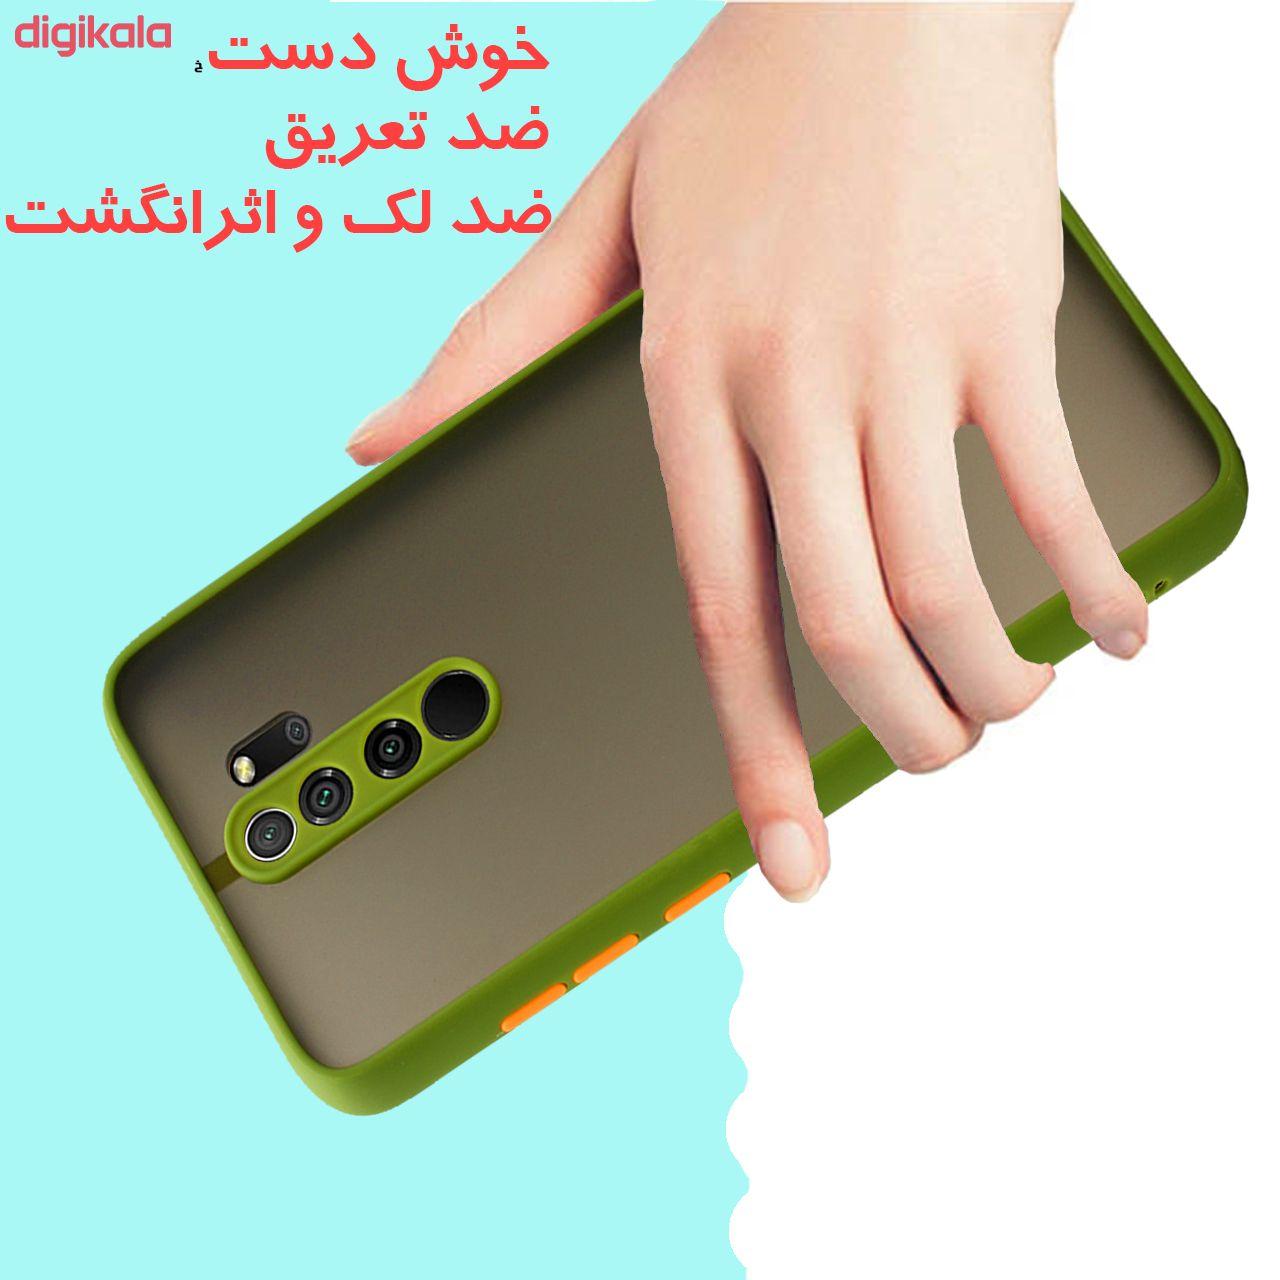 کاور کینگ پاور مدل M22 مناسب برای گوشی موبایل شیائومی Redmi Note 8 Pro main 1 4